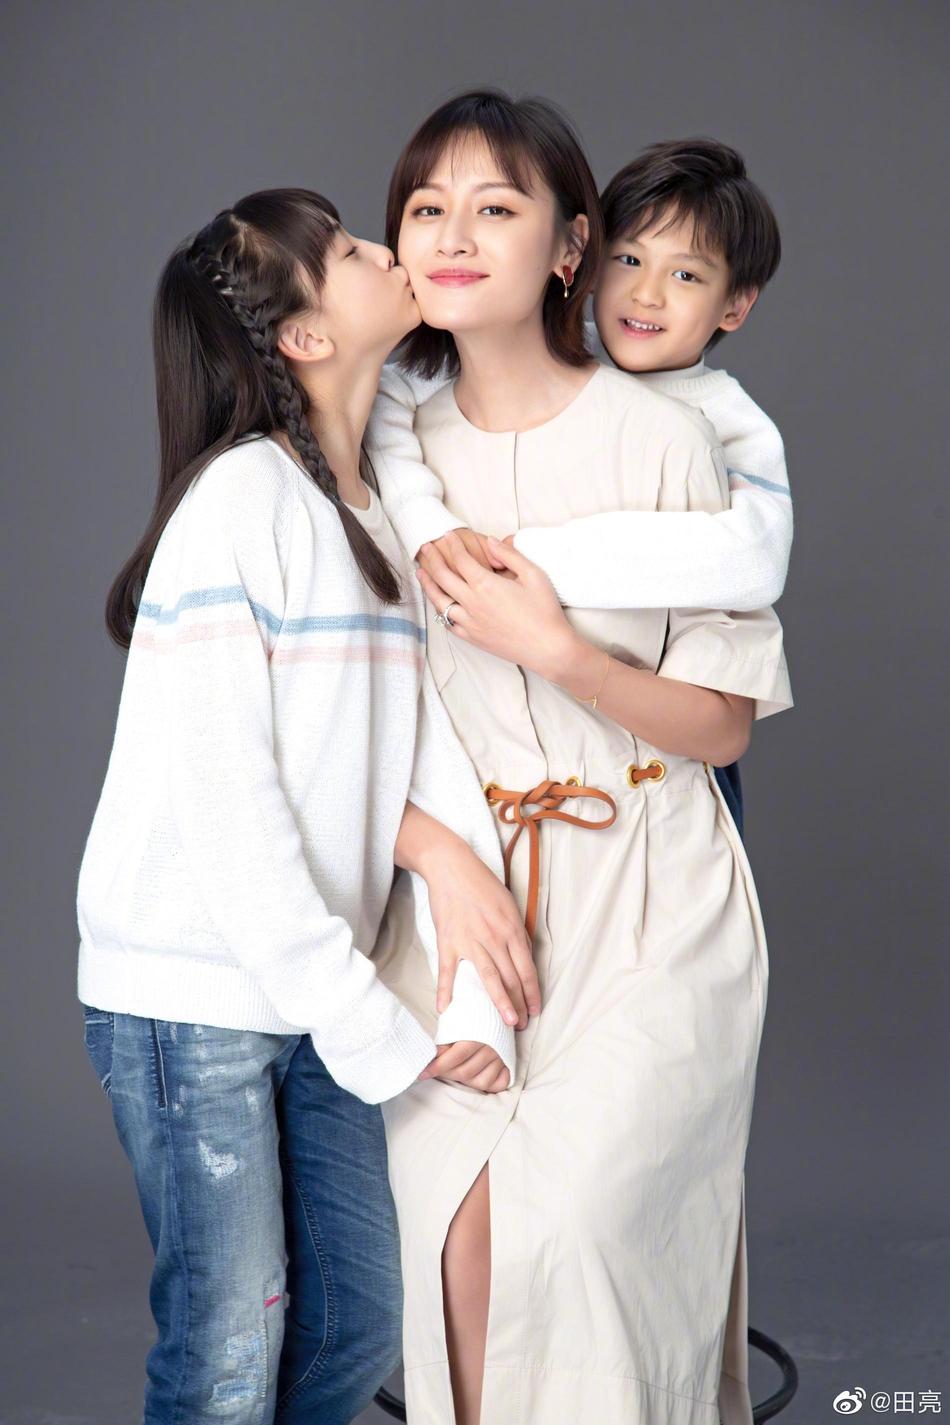 田亮在微博晒出妻子叶一茜皇冠现金娱乐官网和一双子女的写真照庆祝母亲节